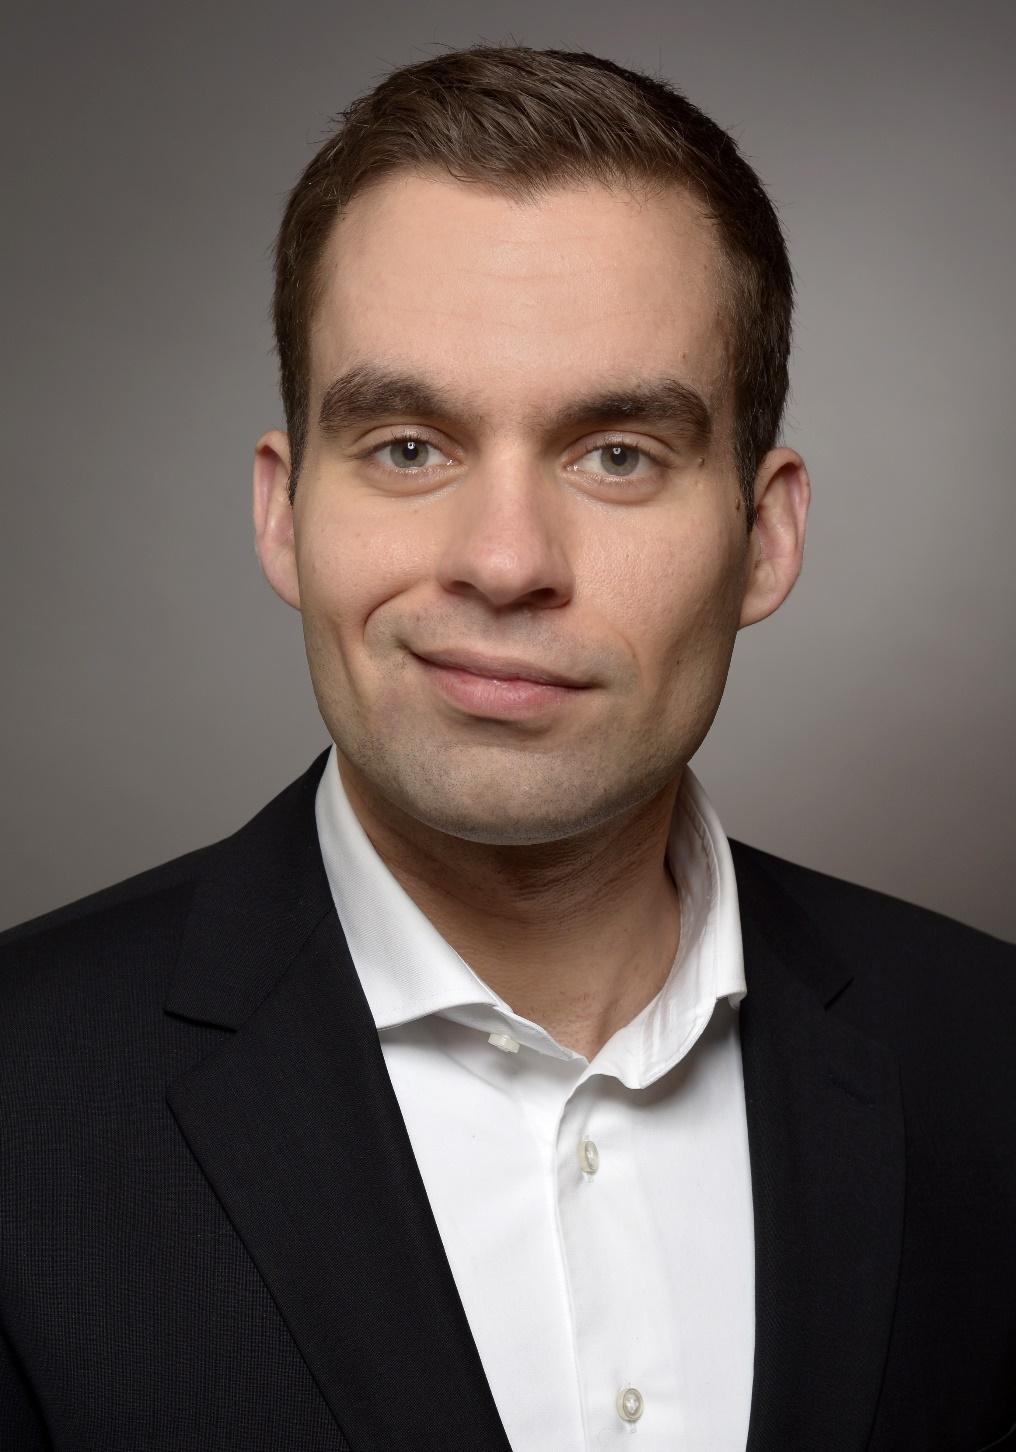 Björn Bajor